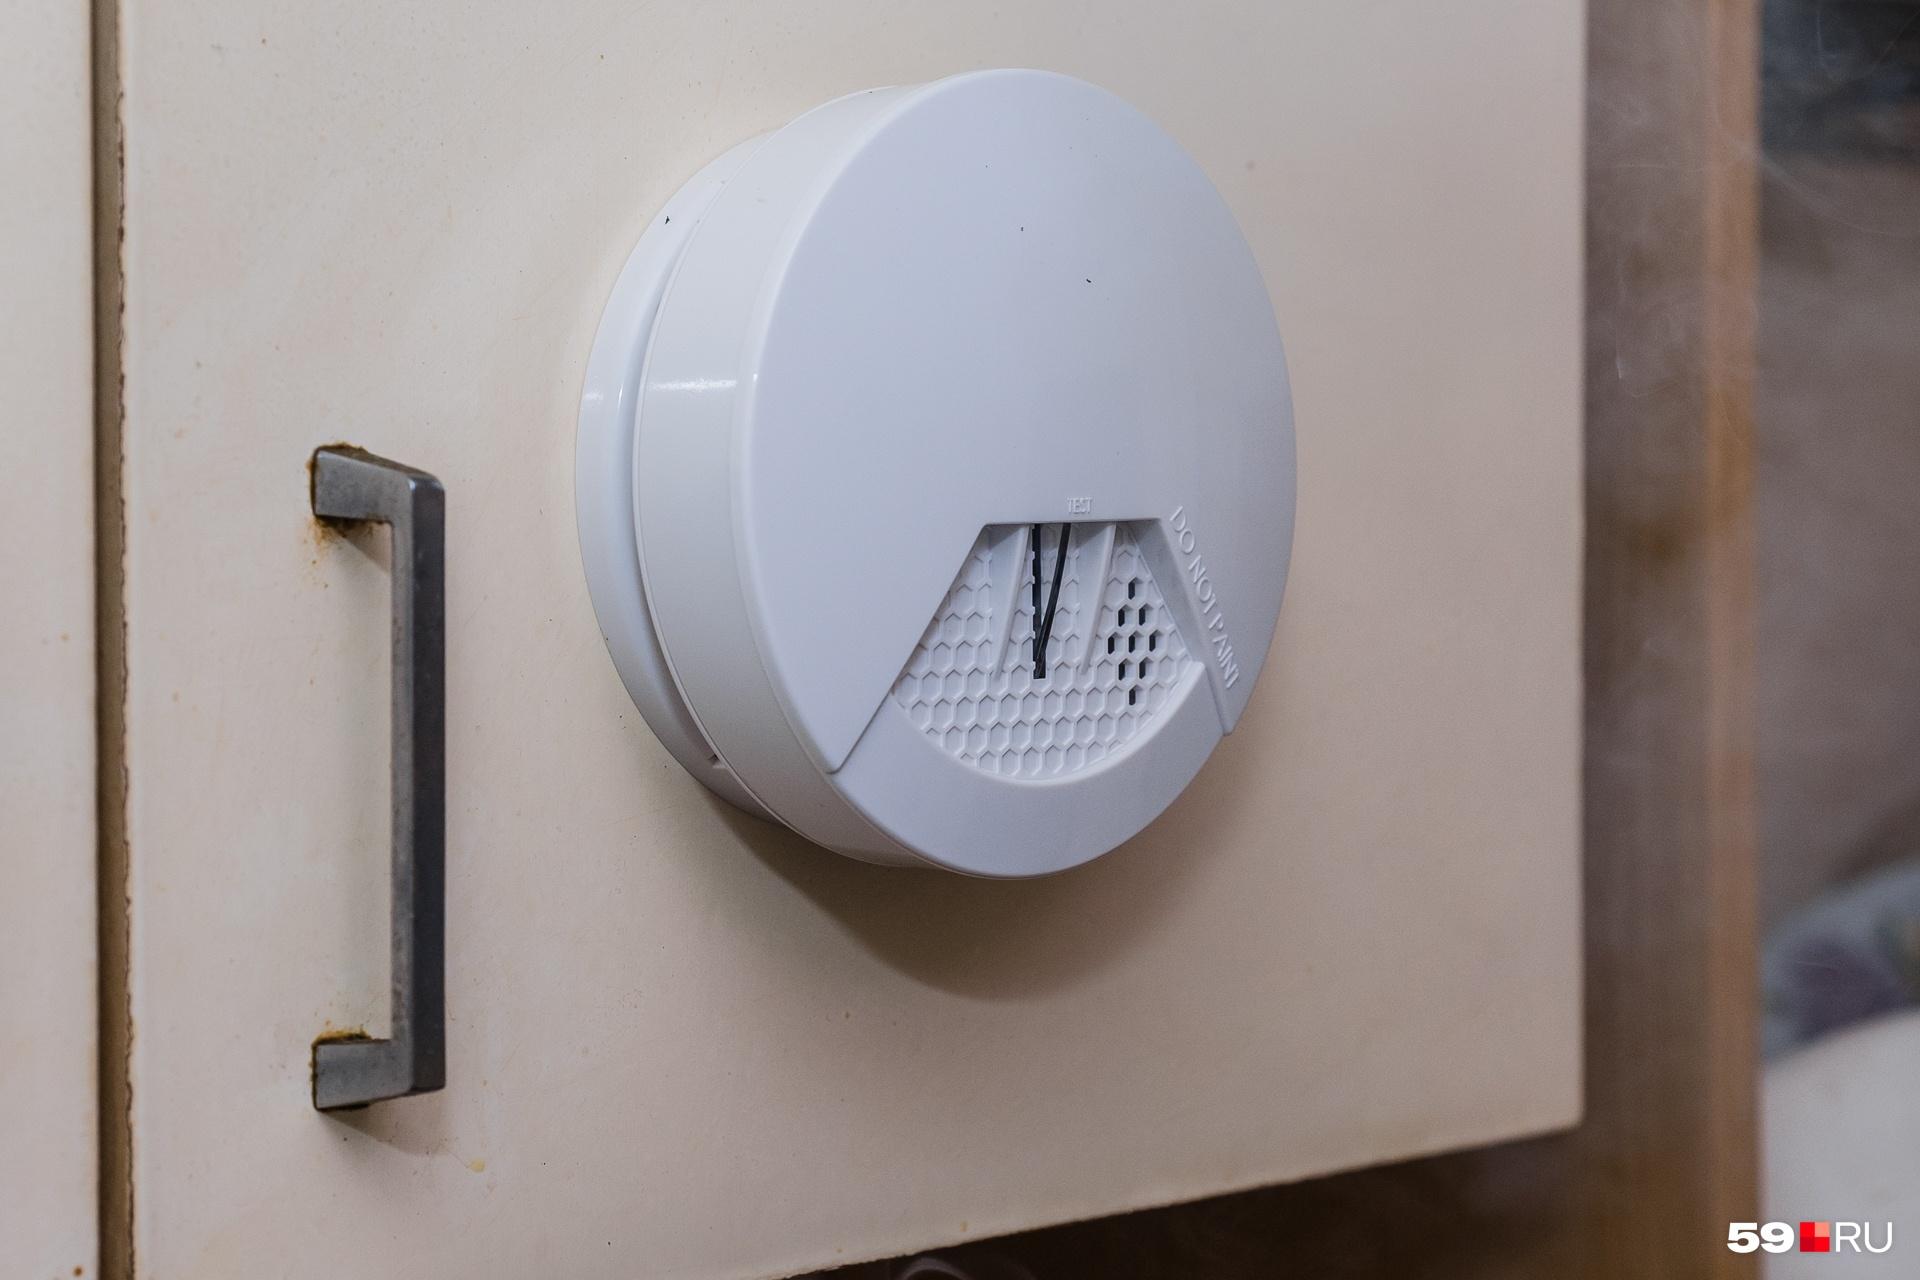 Датчик дыма крепится на любую поверхность, хоть на дверцу шкафа